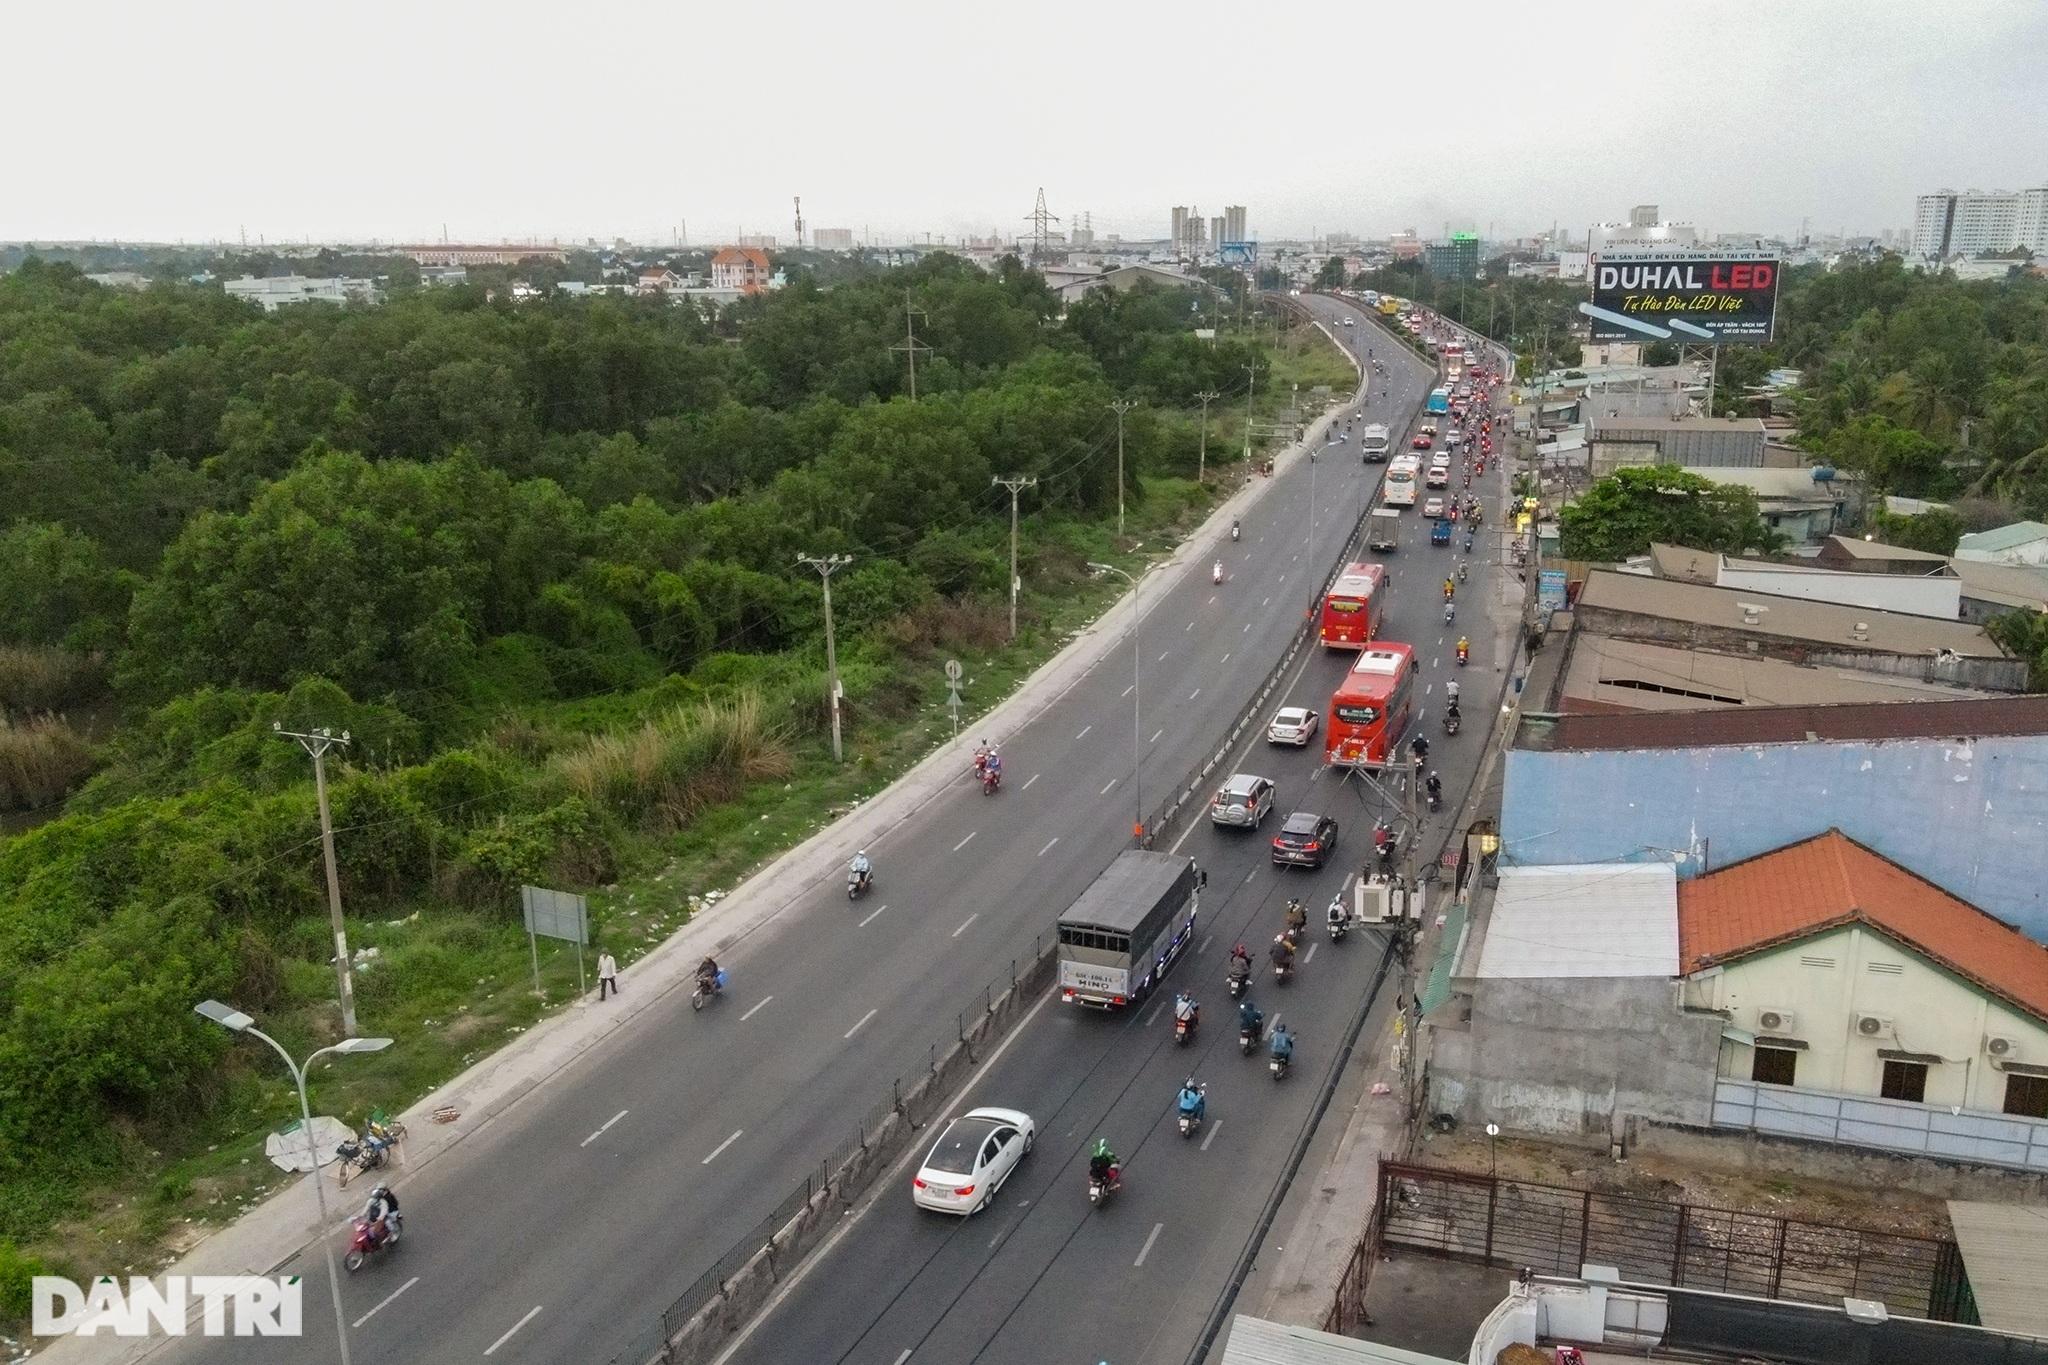 Người dân trở lại Sài Gòn sớm, giao thông cửa ngõ ùn tắc, hỗn loạn - 11